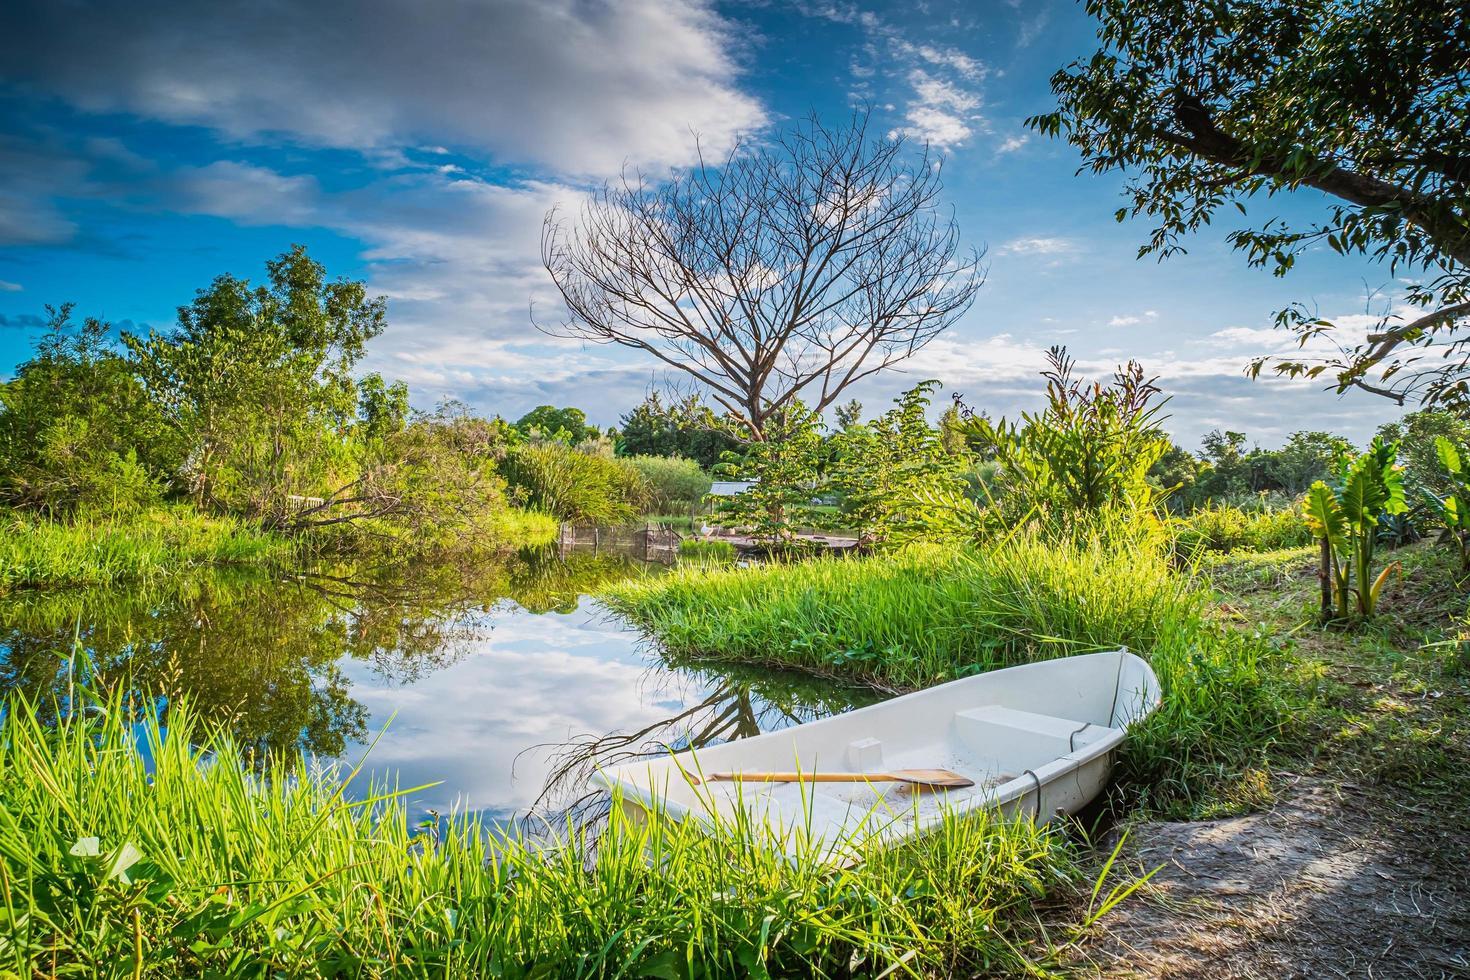 bote pequeño cerca de un lago foto